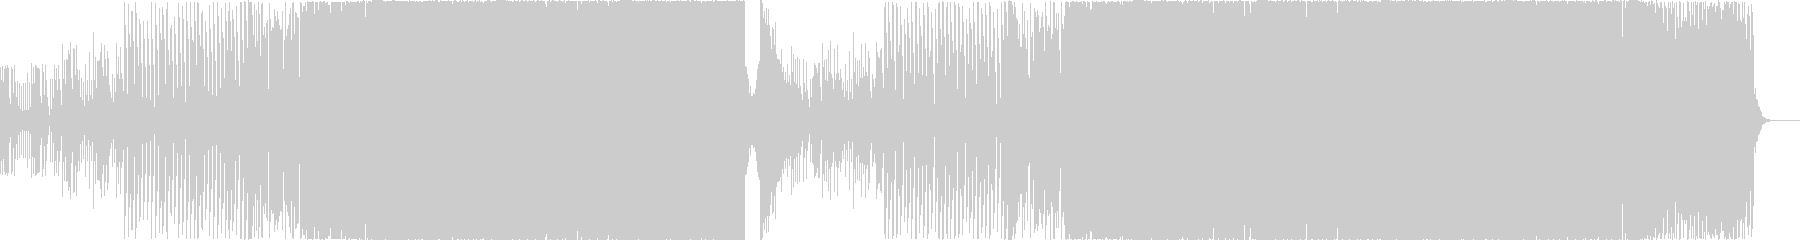 シンセの旋律が印象的なEDMの未再生の波形